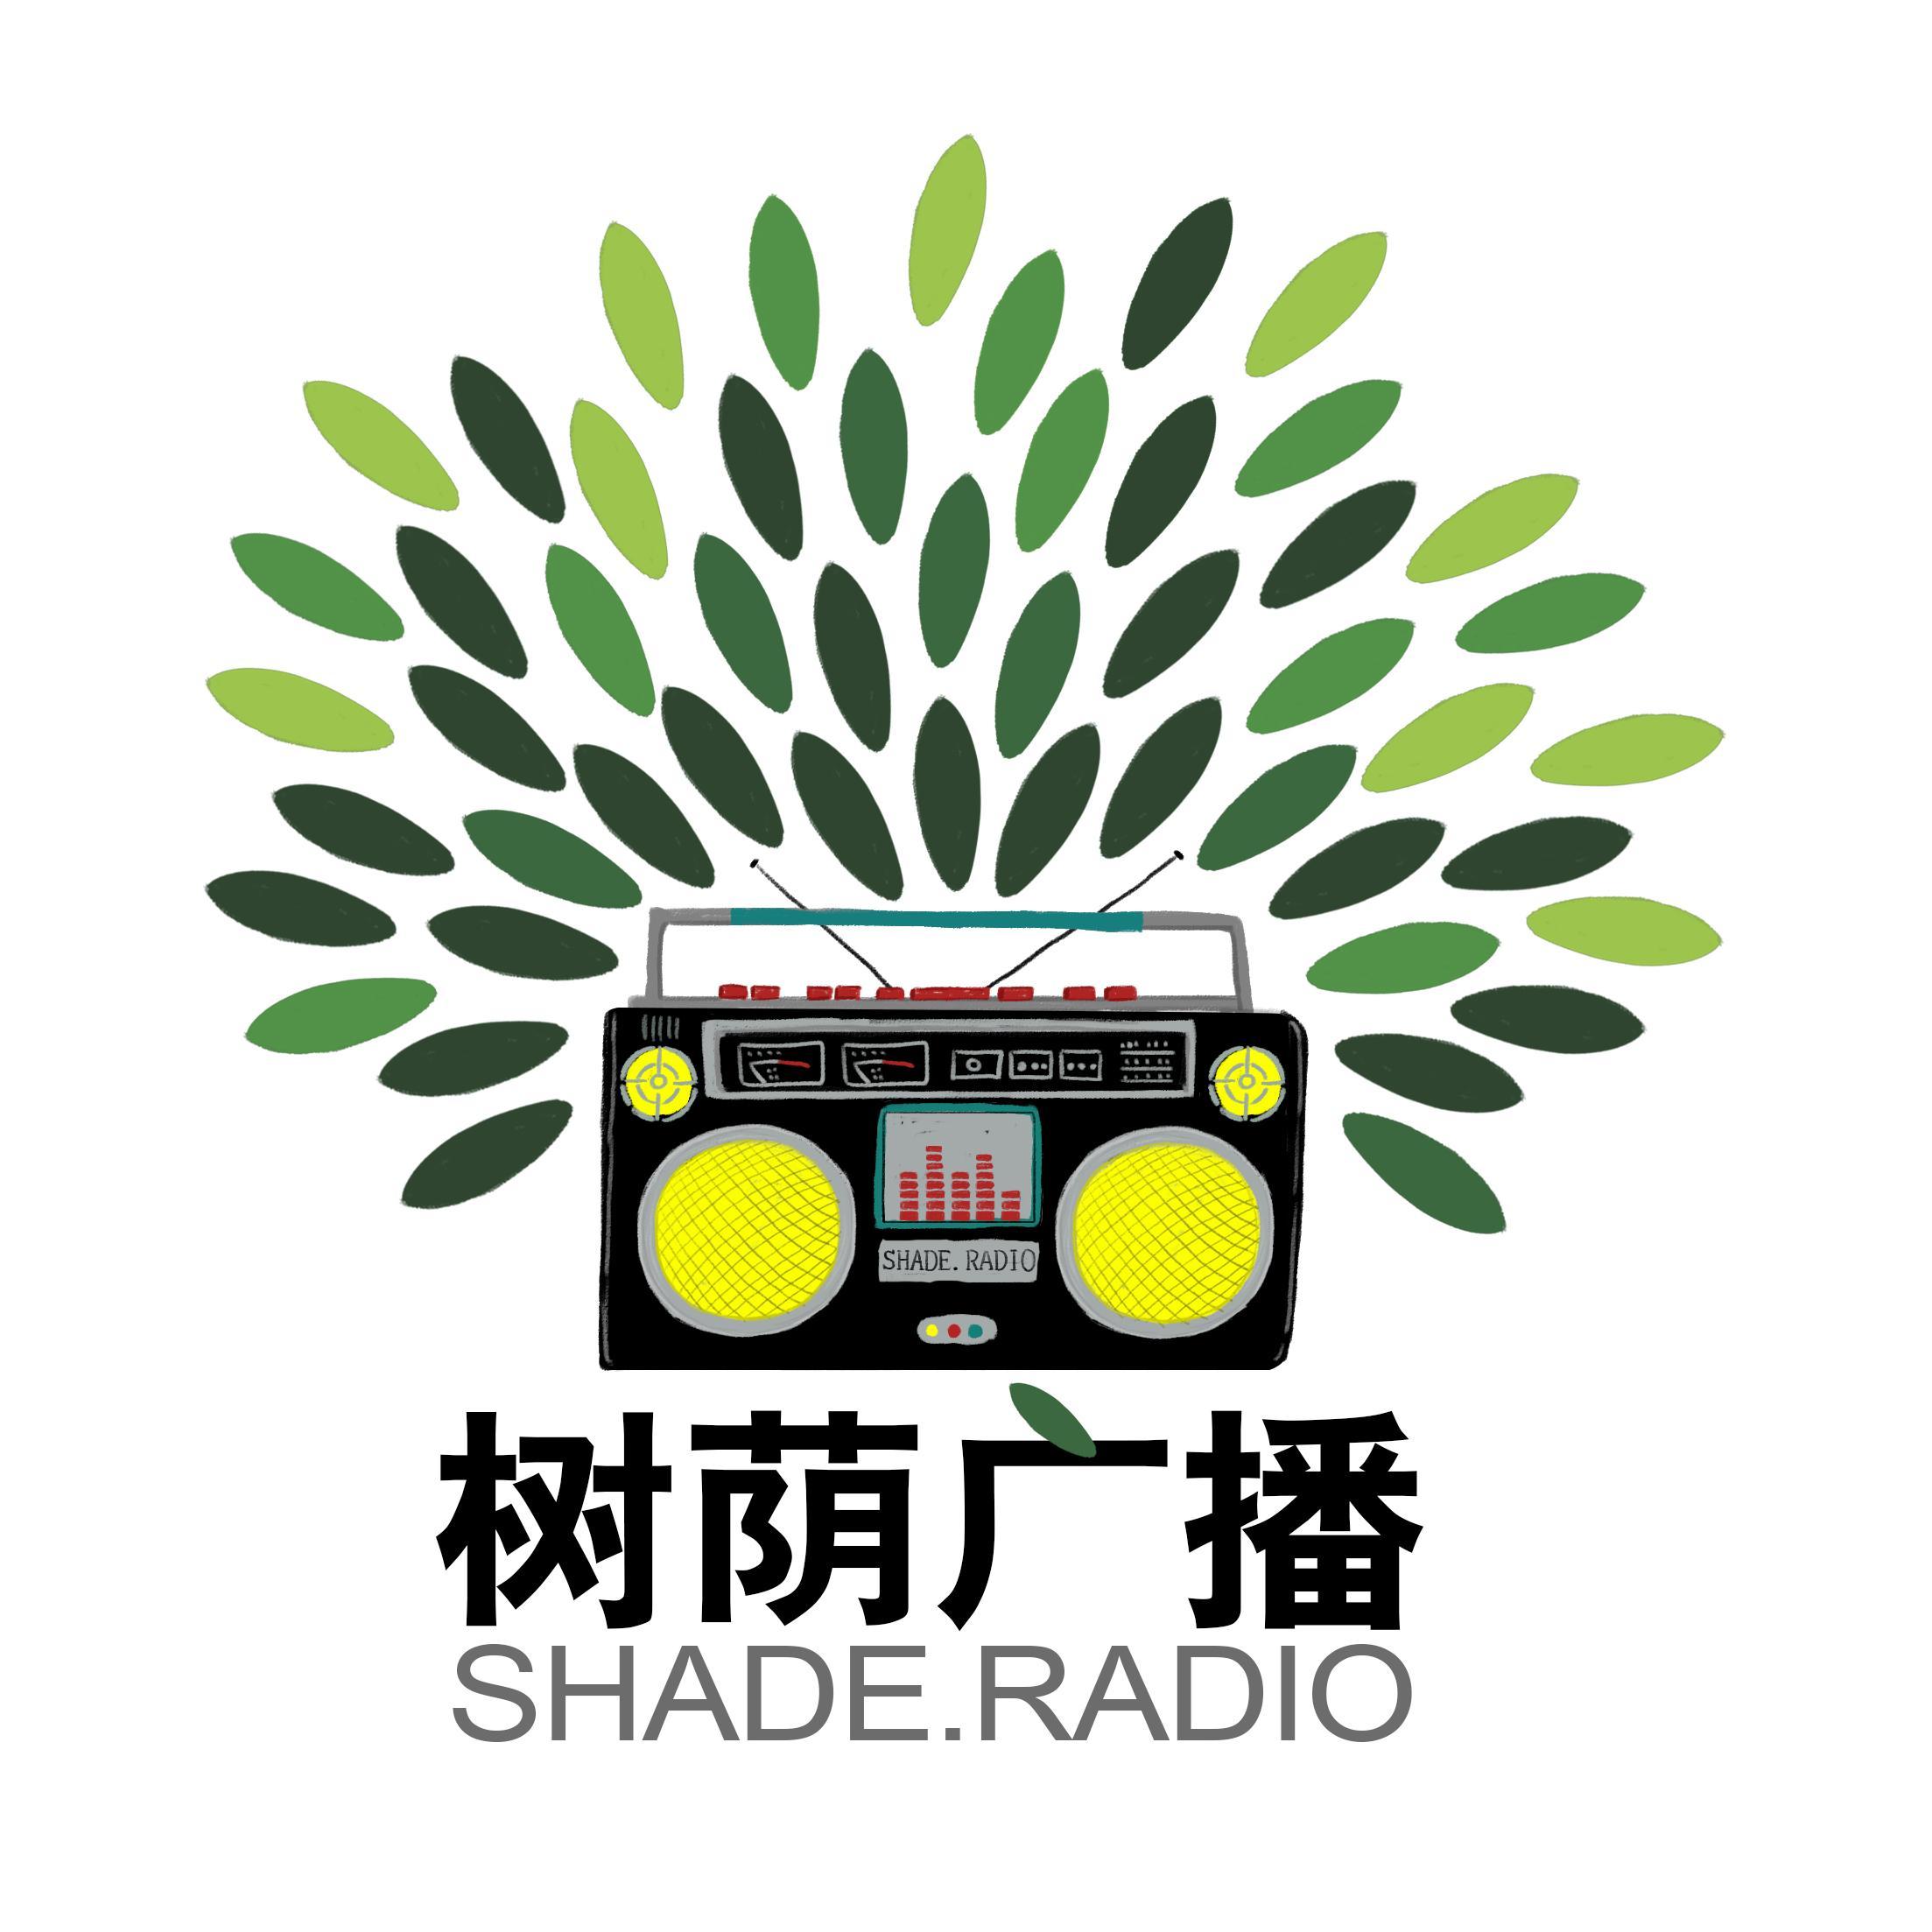 logo logo 标志 设计 矢量 矢量图 素材 图标 2207_2207